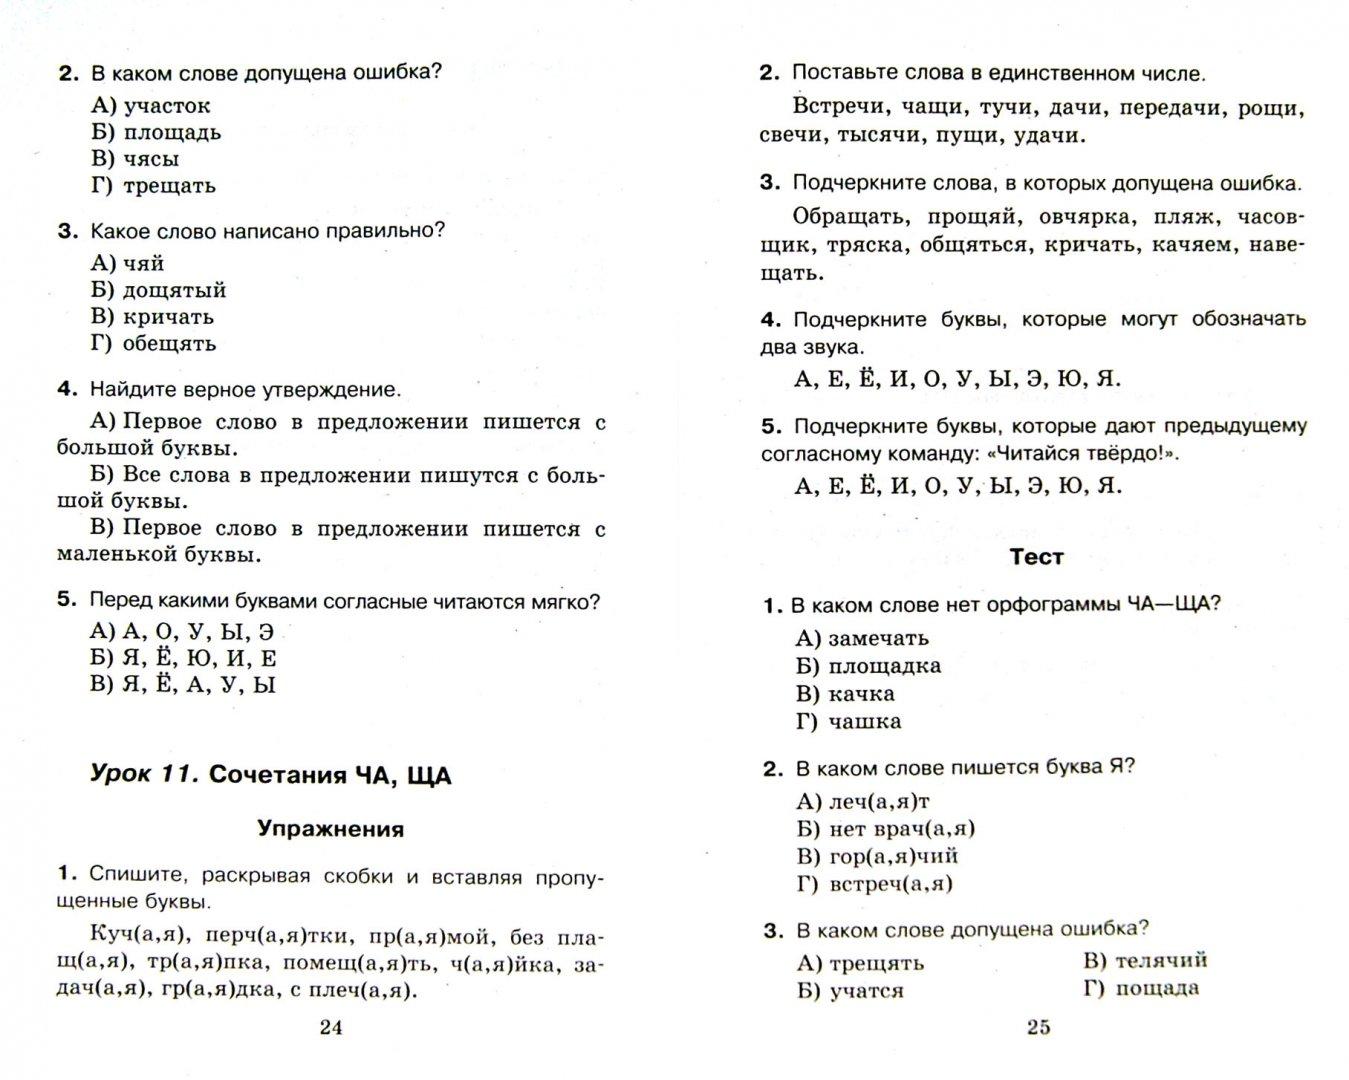 Иллюстрация 1 из 9 для Русский язык. 1 класс. Упражнения и тесты для каждого урока. ФГОС - Узорова, Нефедова | Лабиринт - книги. Источник: Лабиринт